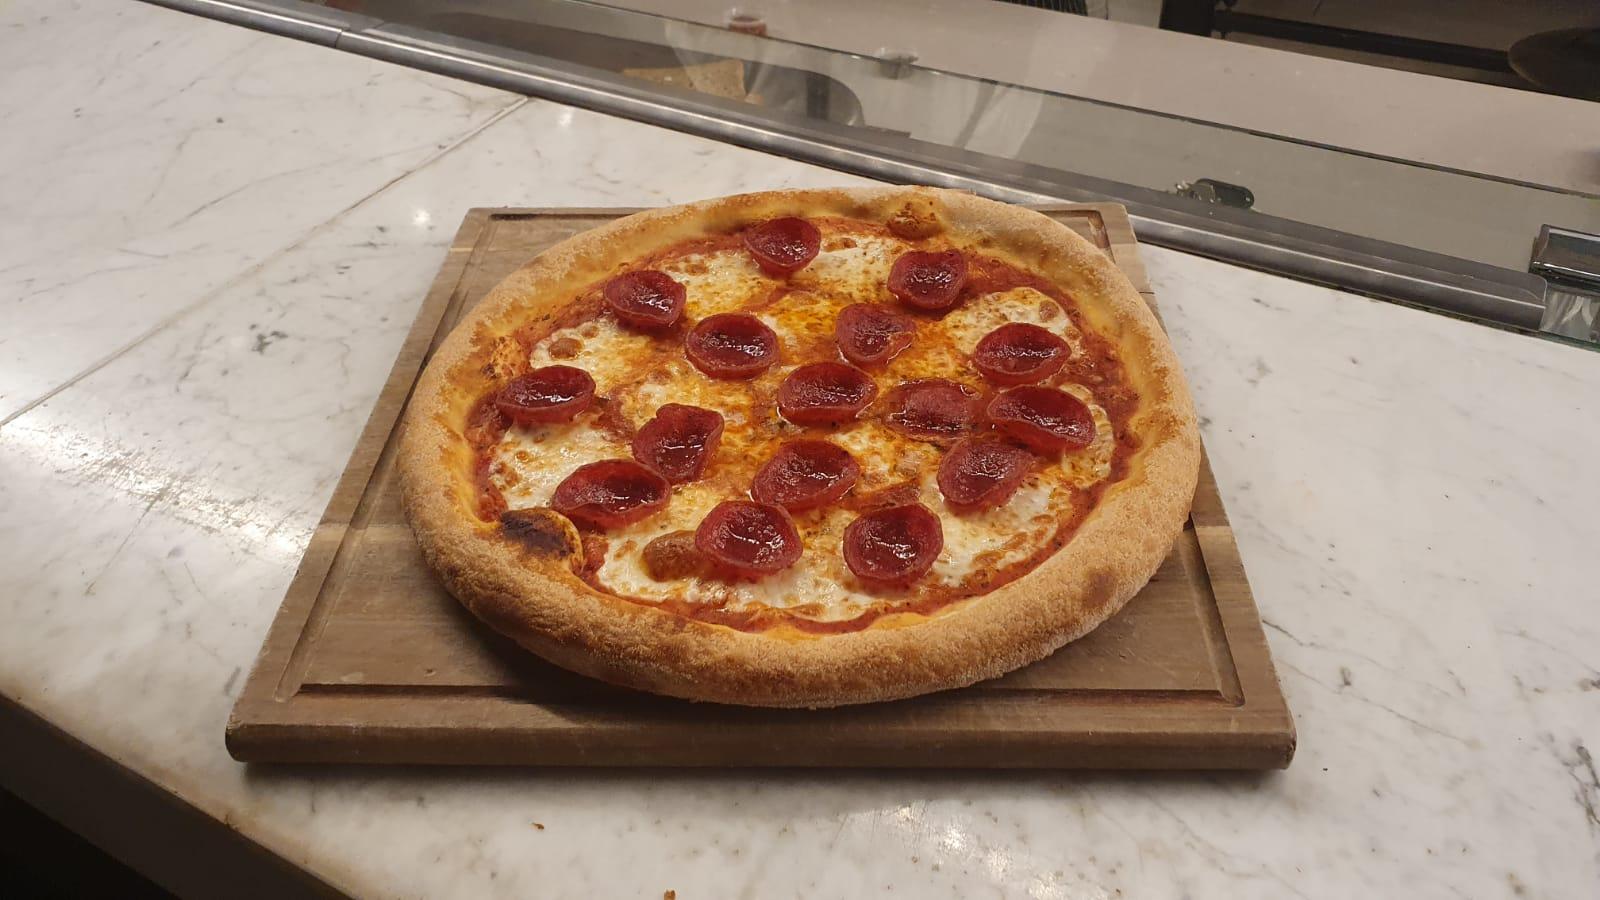 يافا: البيتزا الايطالية وأشهى الوجبات تصلكم الى بيوتكم من مطعم صقلية